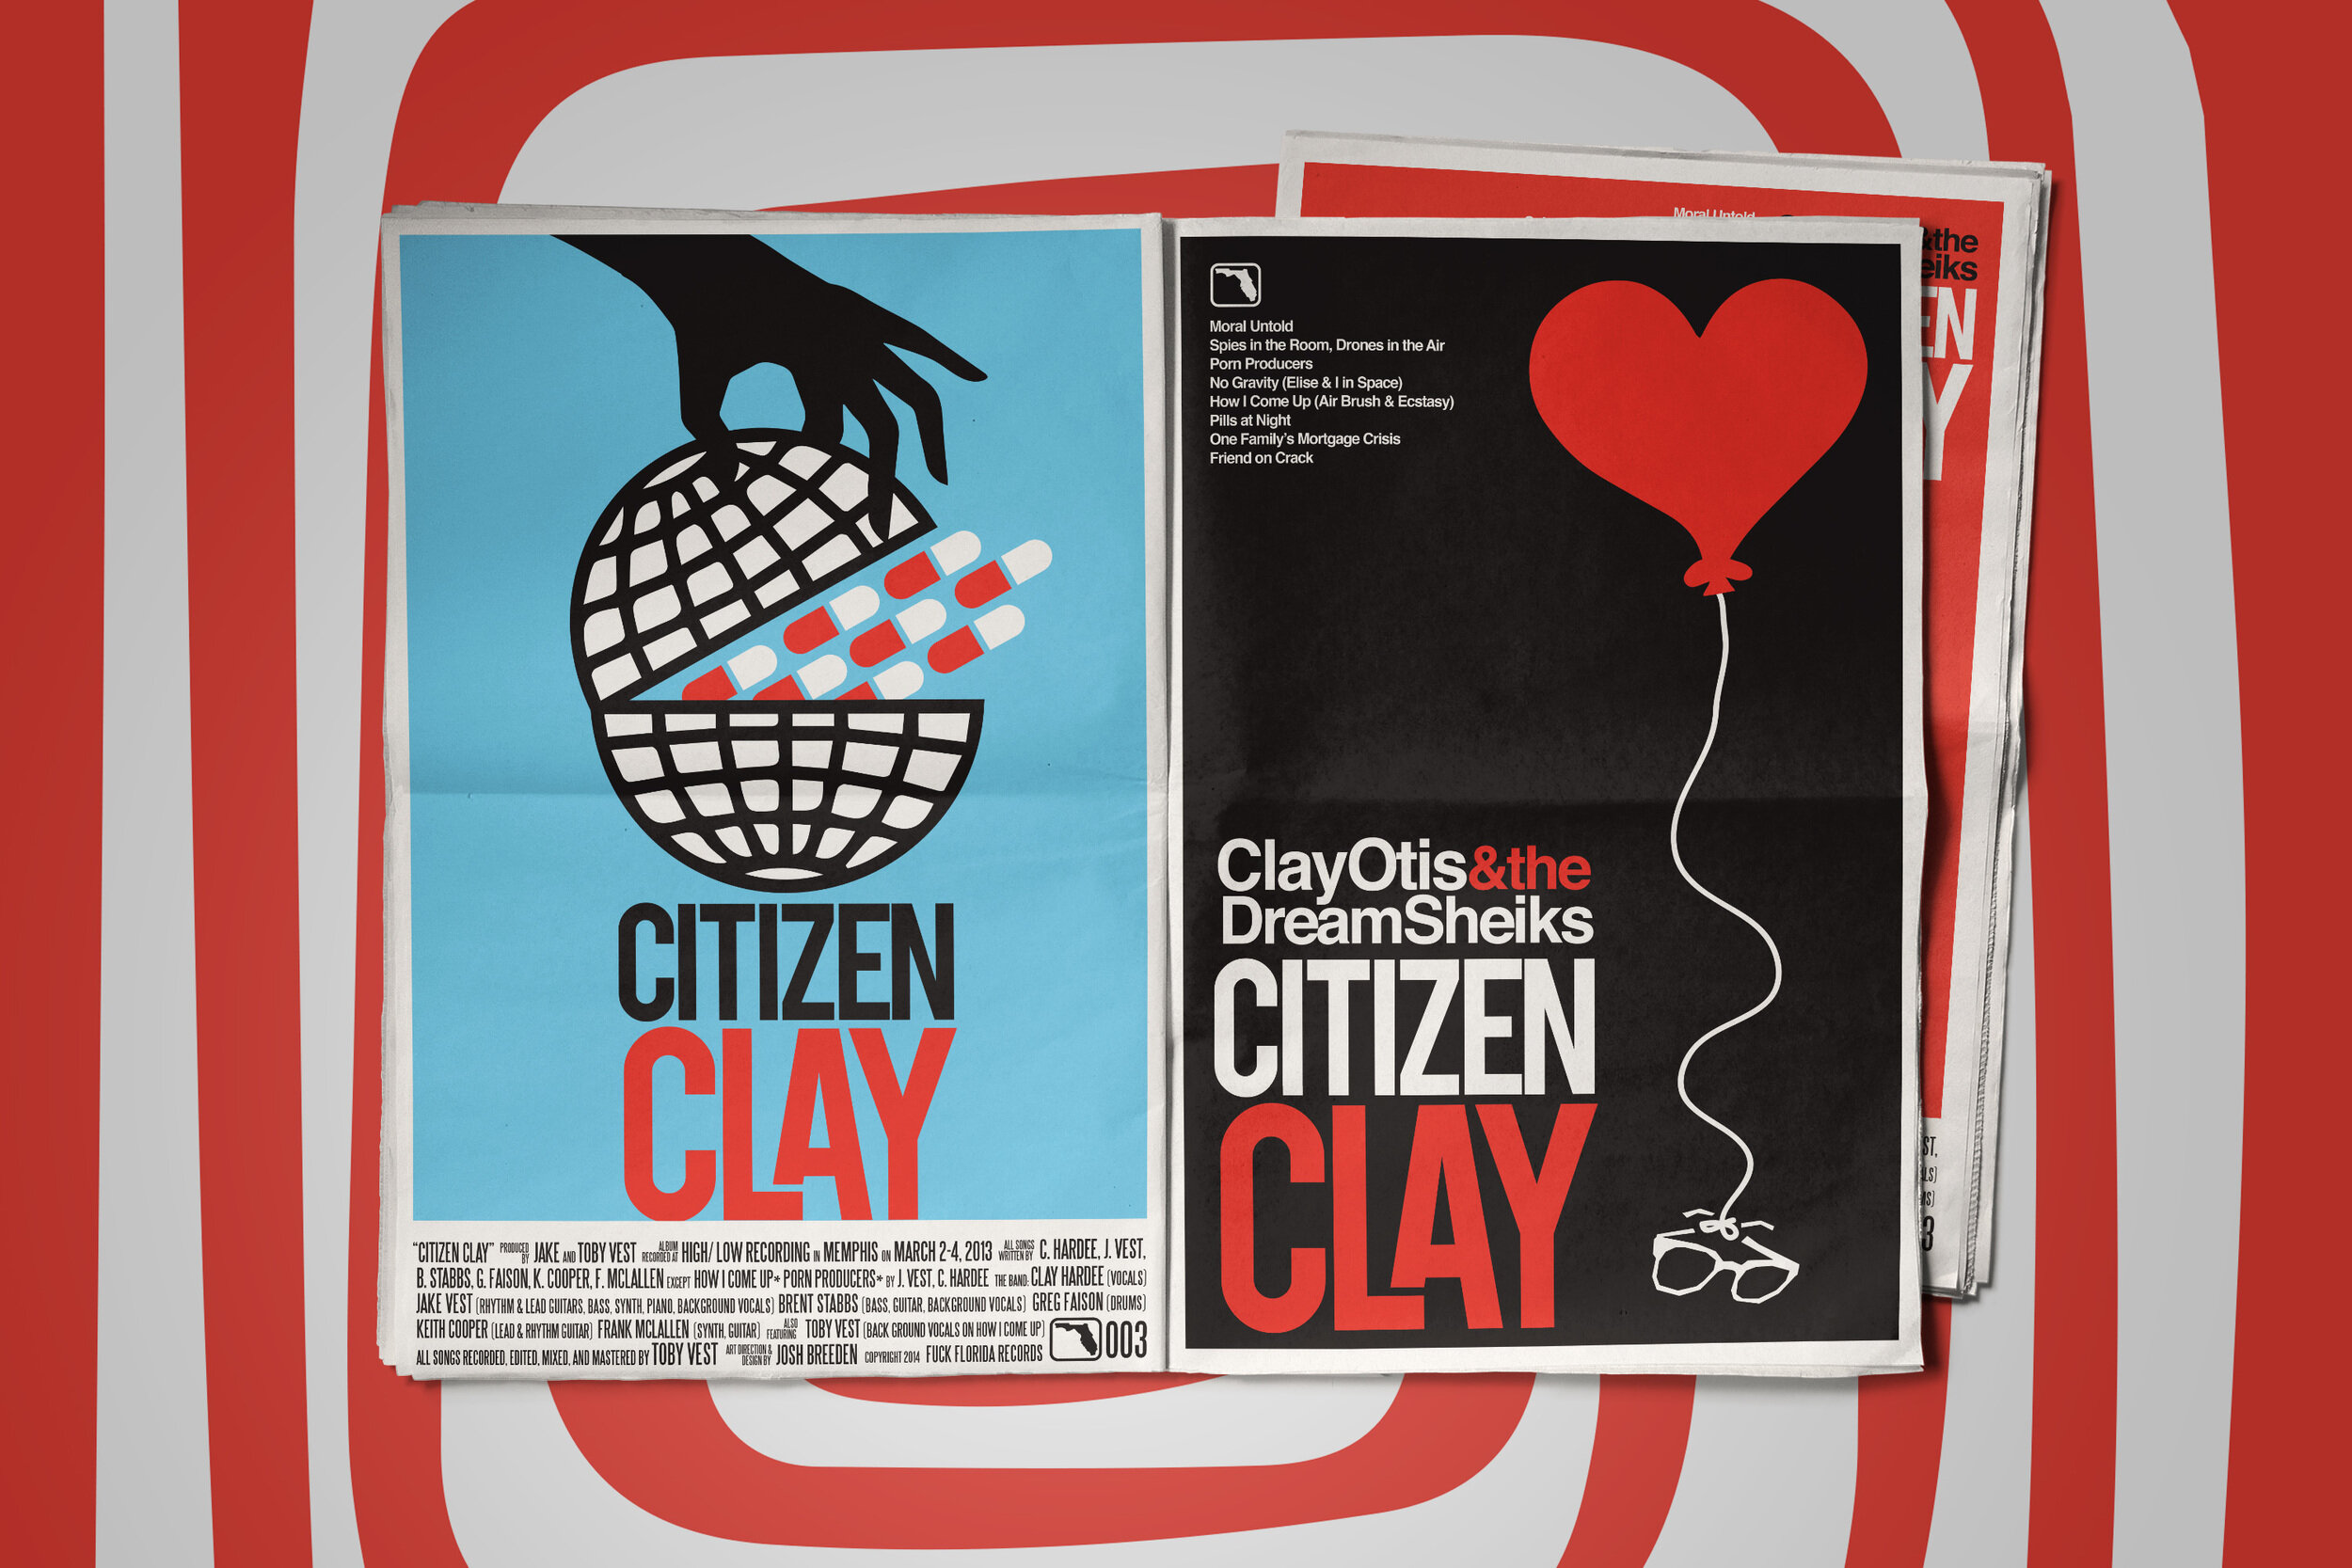 citizen-clay-teaser-4.jpg